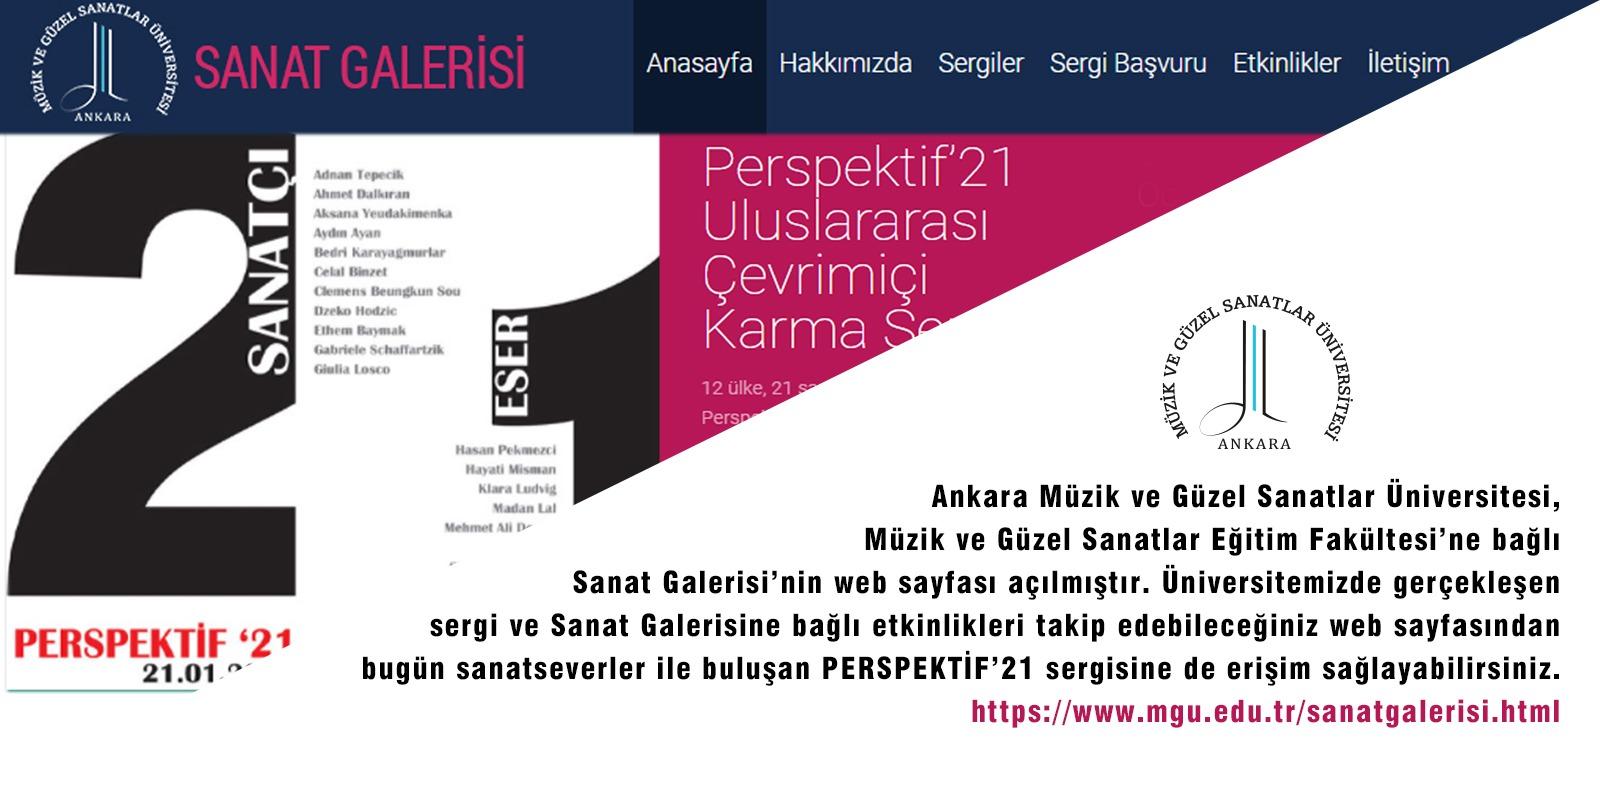 Sanat Galerisi Web Sayfası Slide